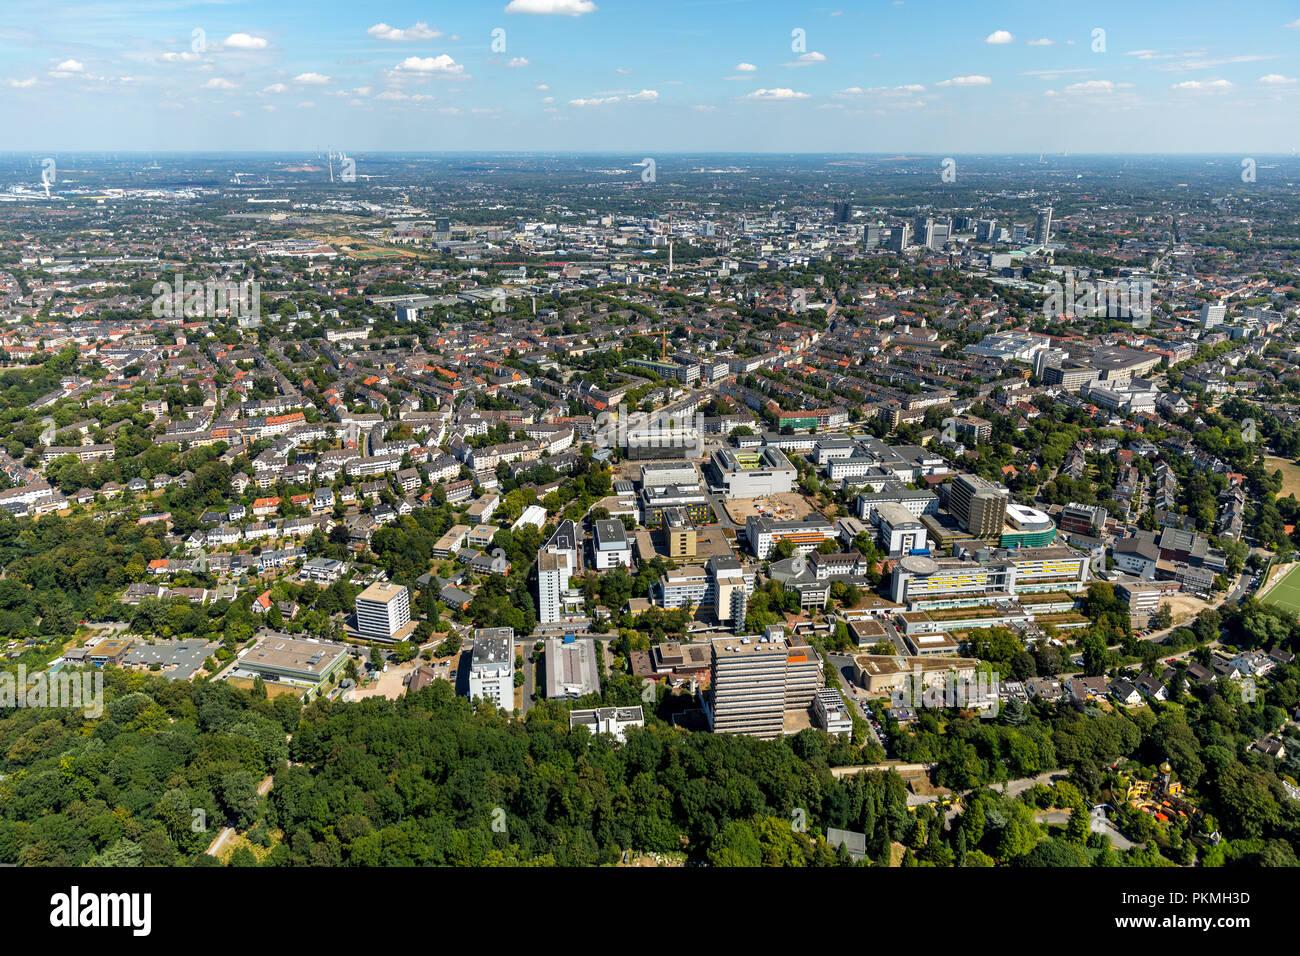 Luftaufnahme, Universitätsklinikum Essen, Rüttenscheid, Essen, Ruhrgebiet, Nordrhein-Westfalen, Deutschland Stockbild